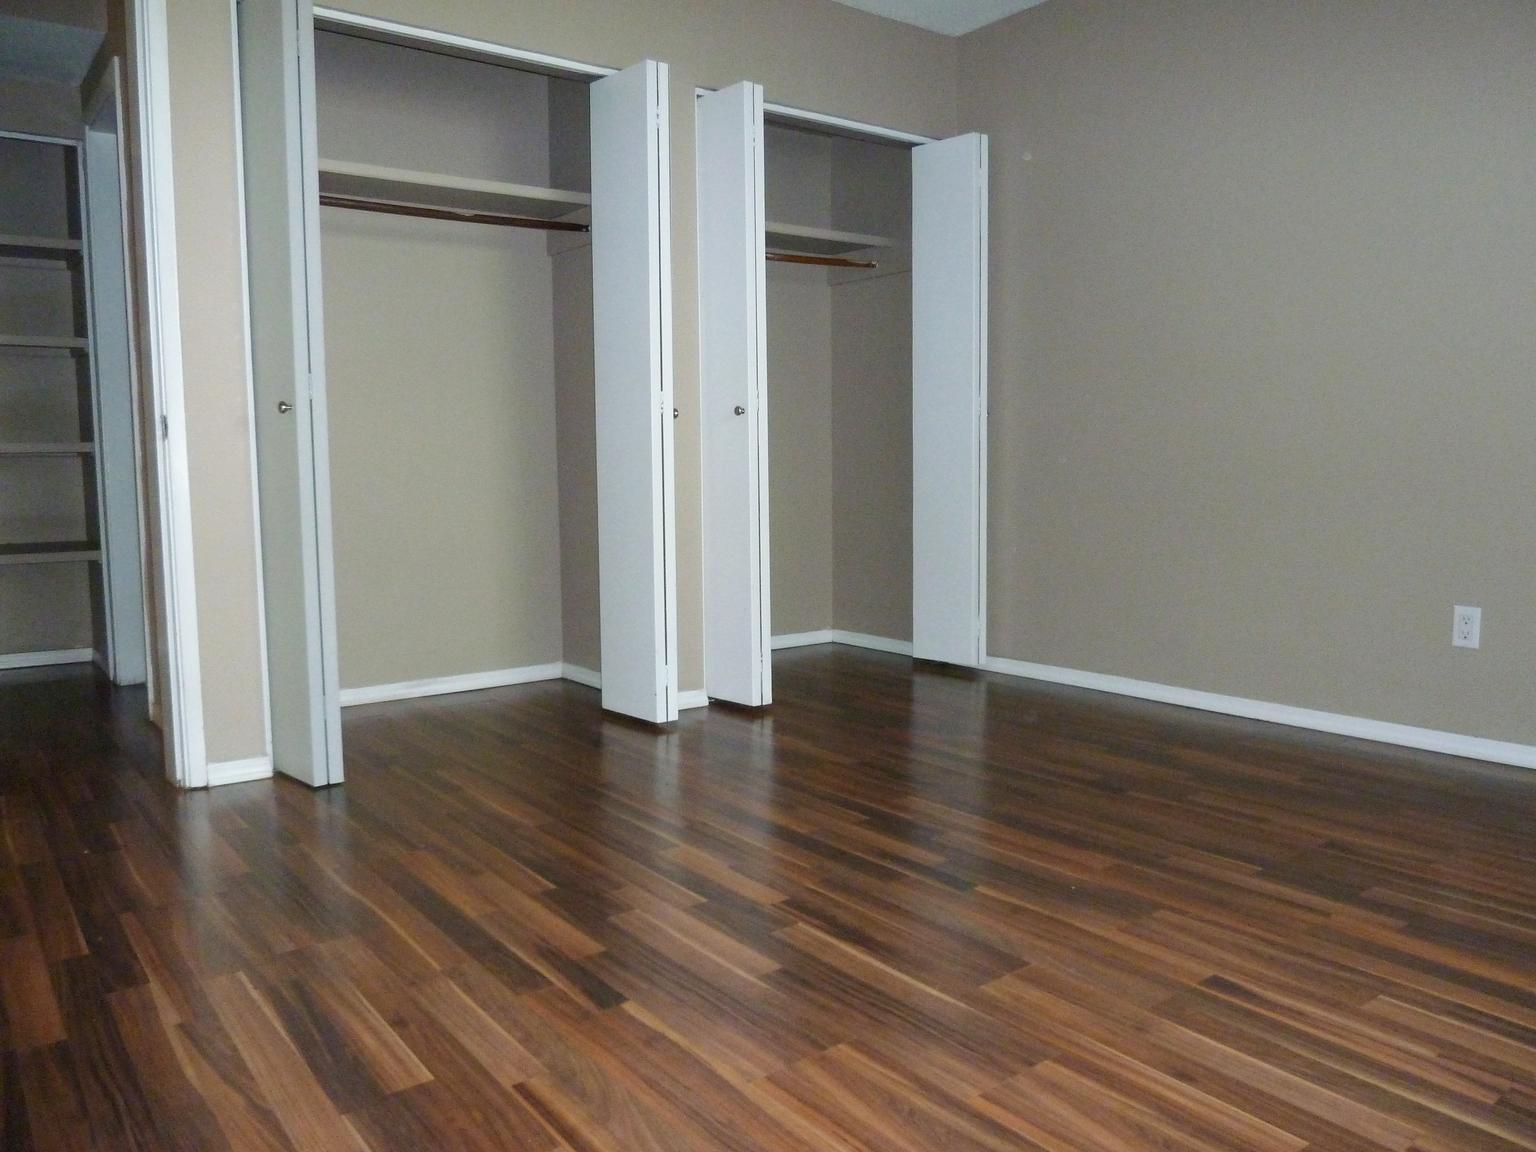 11920 82 Street NW, Edmonton, AB - $699